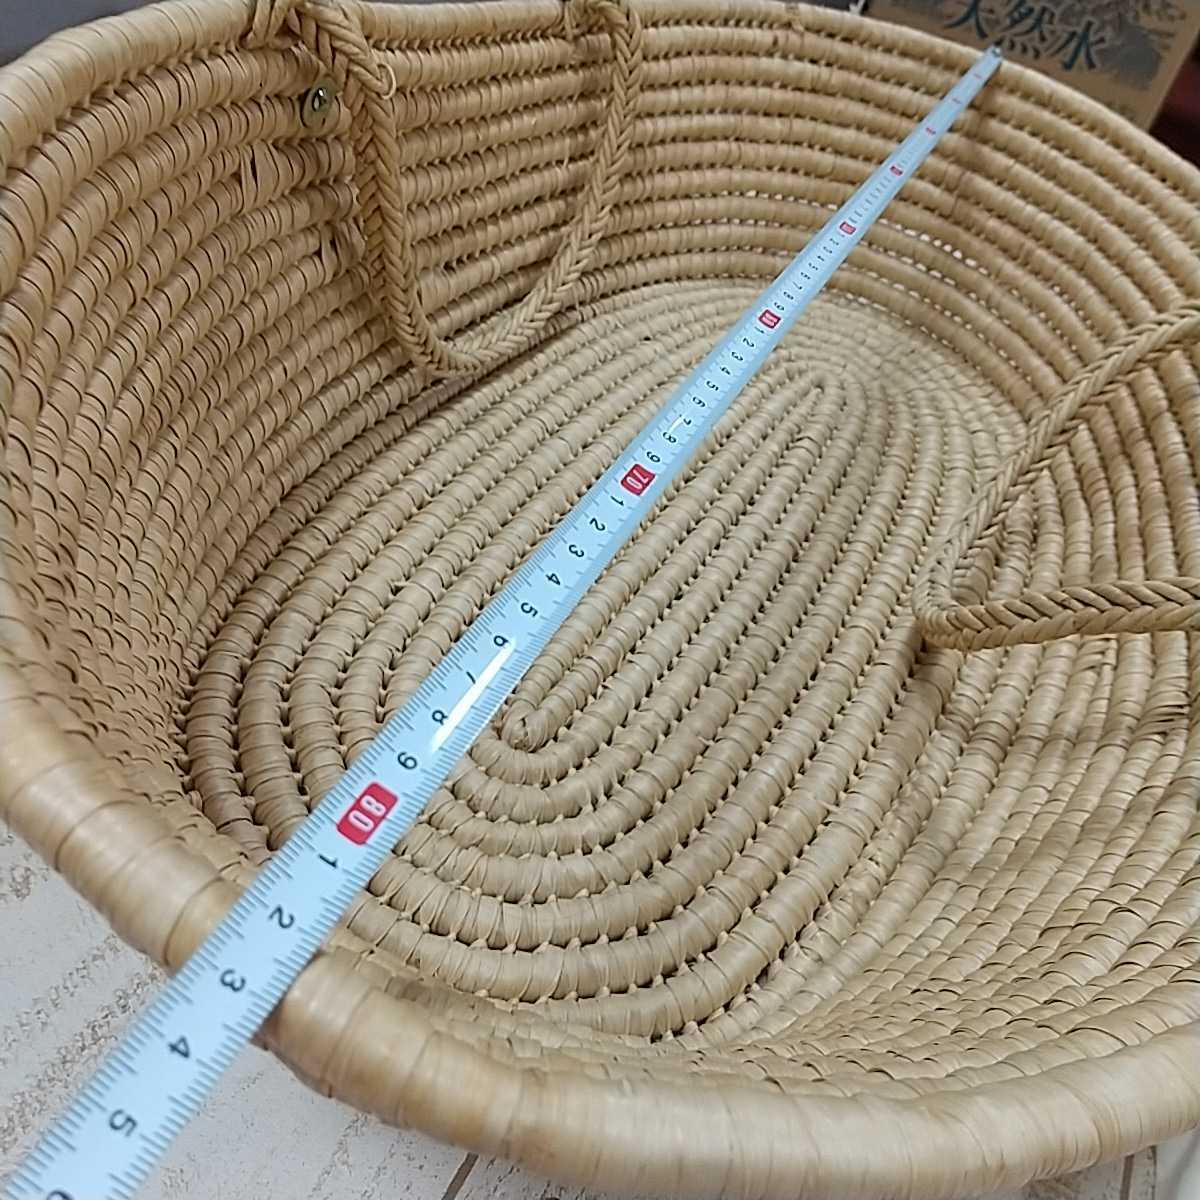 9671 ベビークーハン ゆりかご 赤ちゃんキャリーベッド バスケット ナチュラル天然素材 お昼寝 持運び籠 昭和レトロ 83×53×24cm 同梱NG_画像2